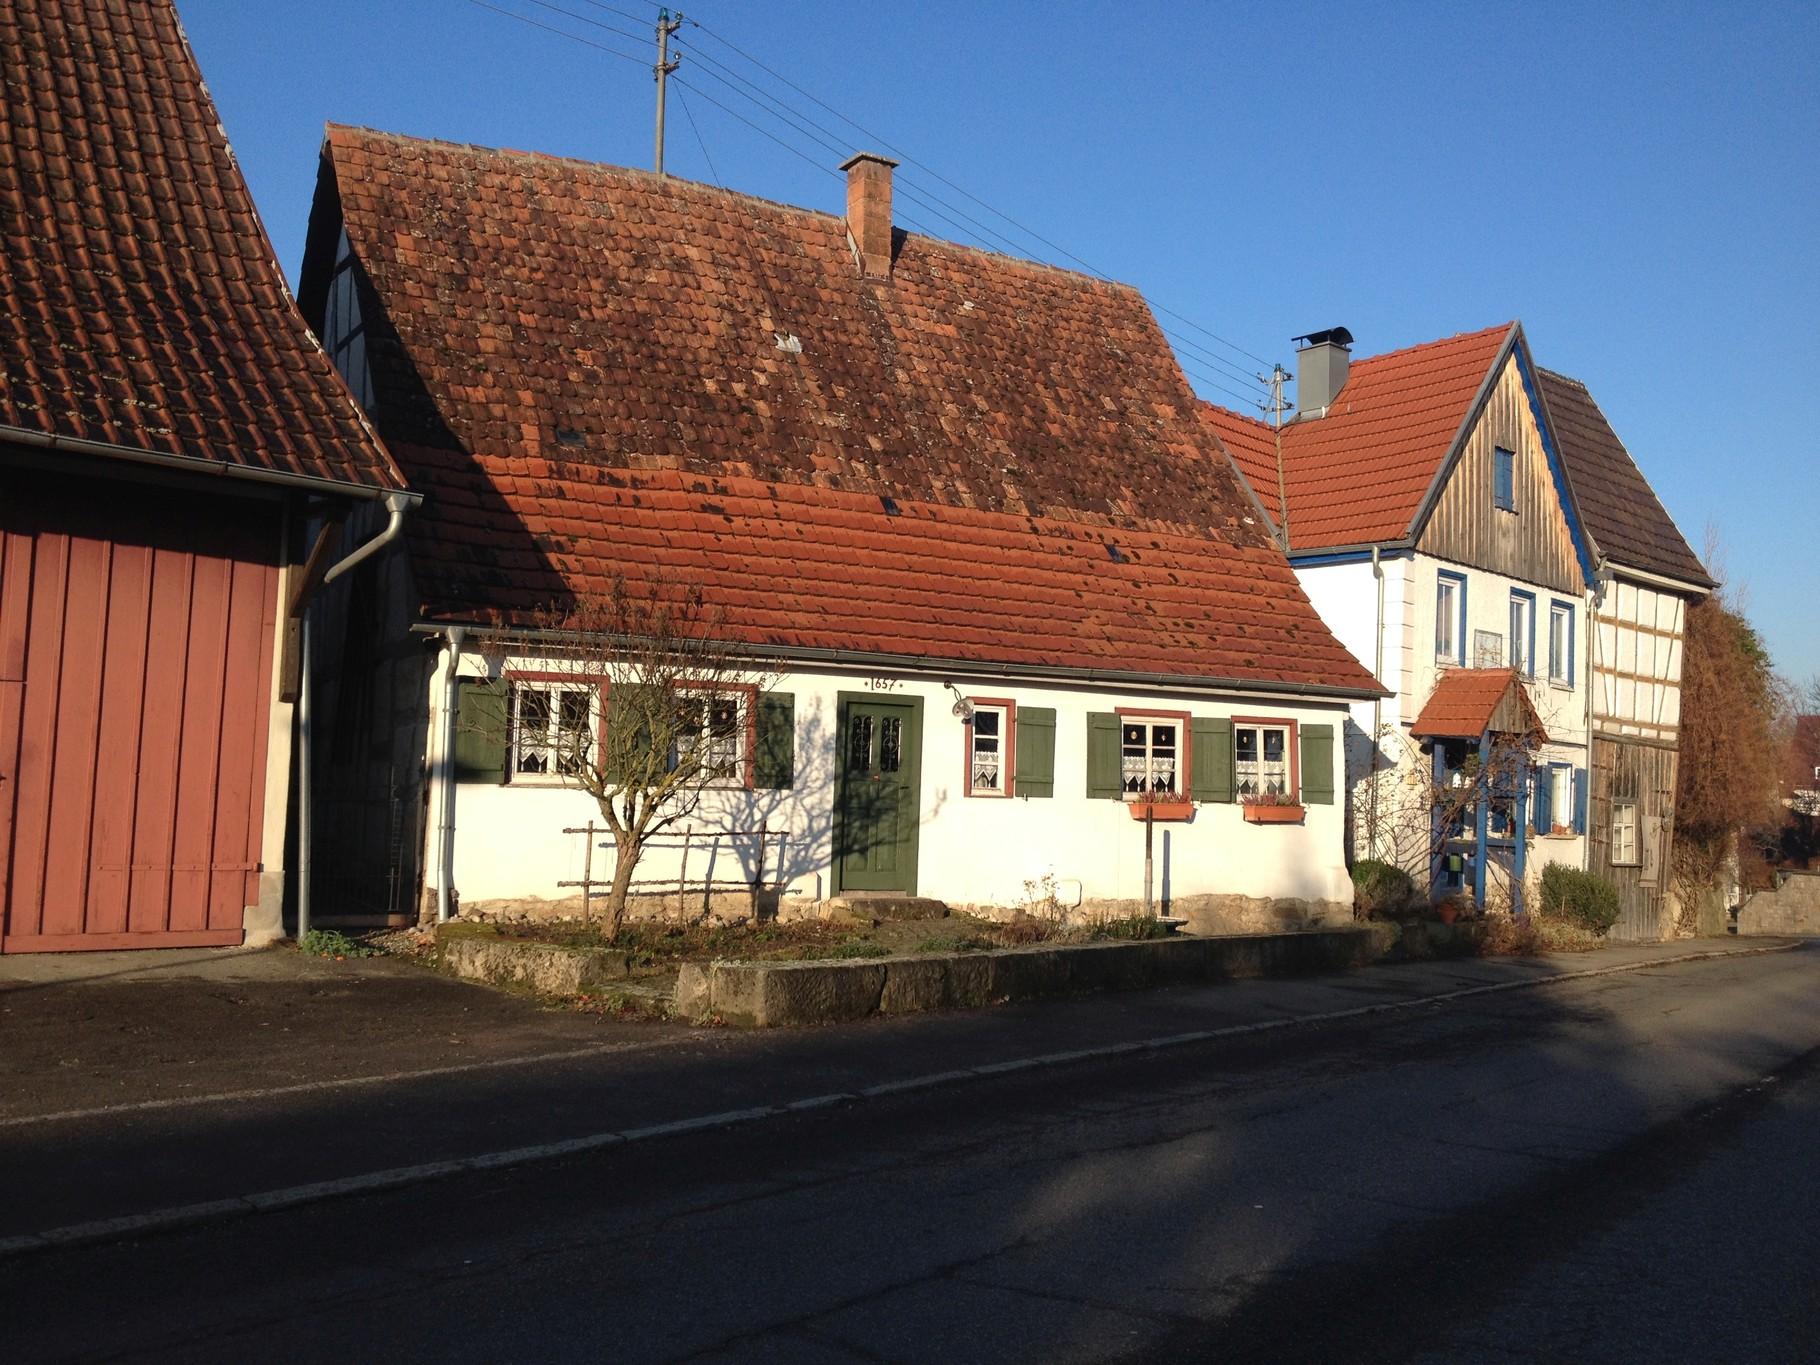 005 Armenhaus Denkmalverein Mössingen e V